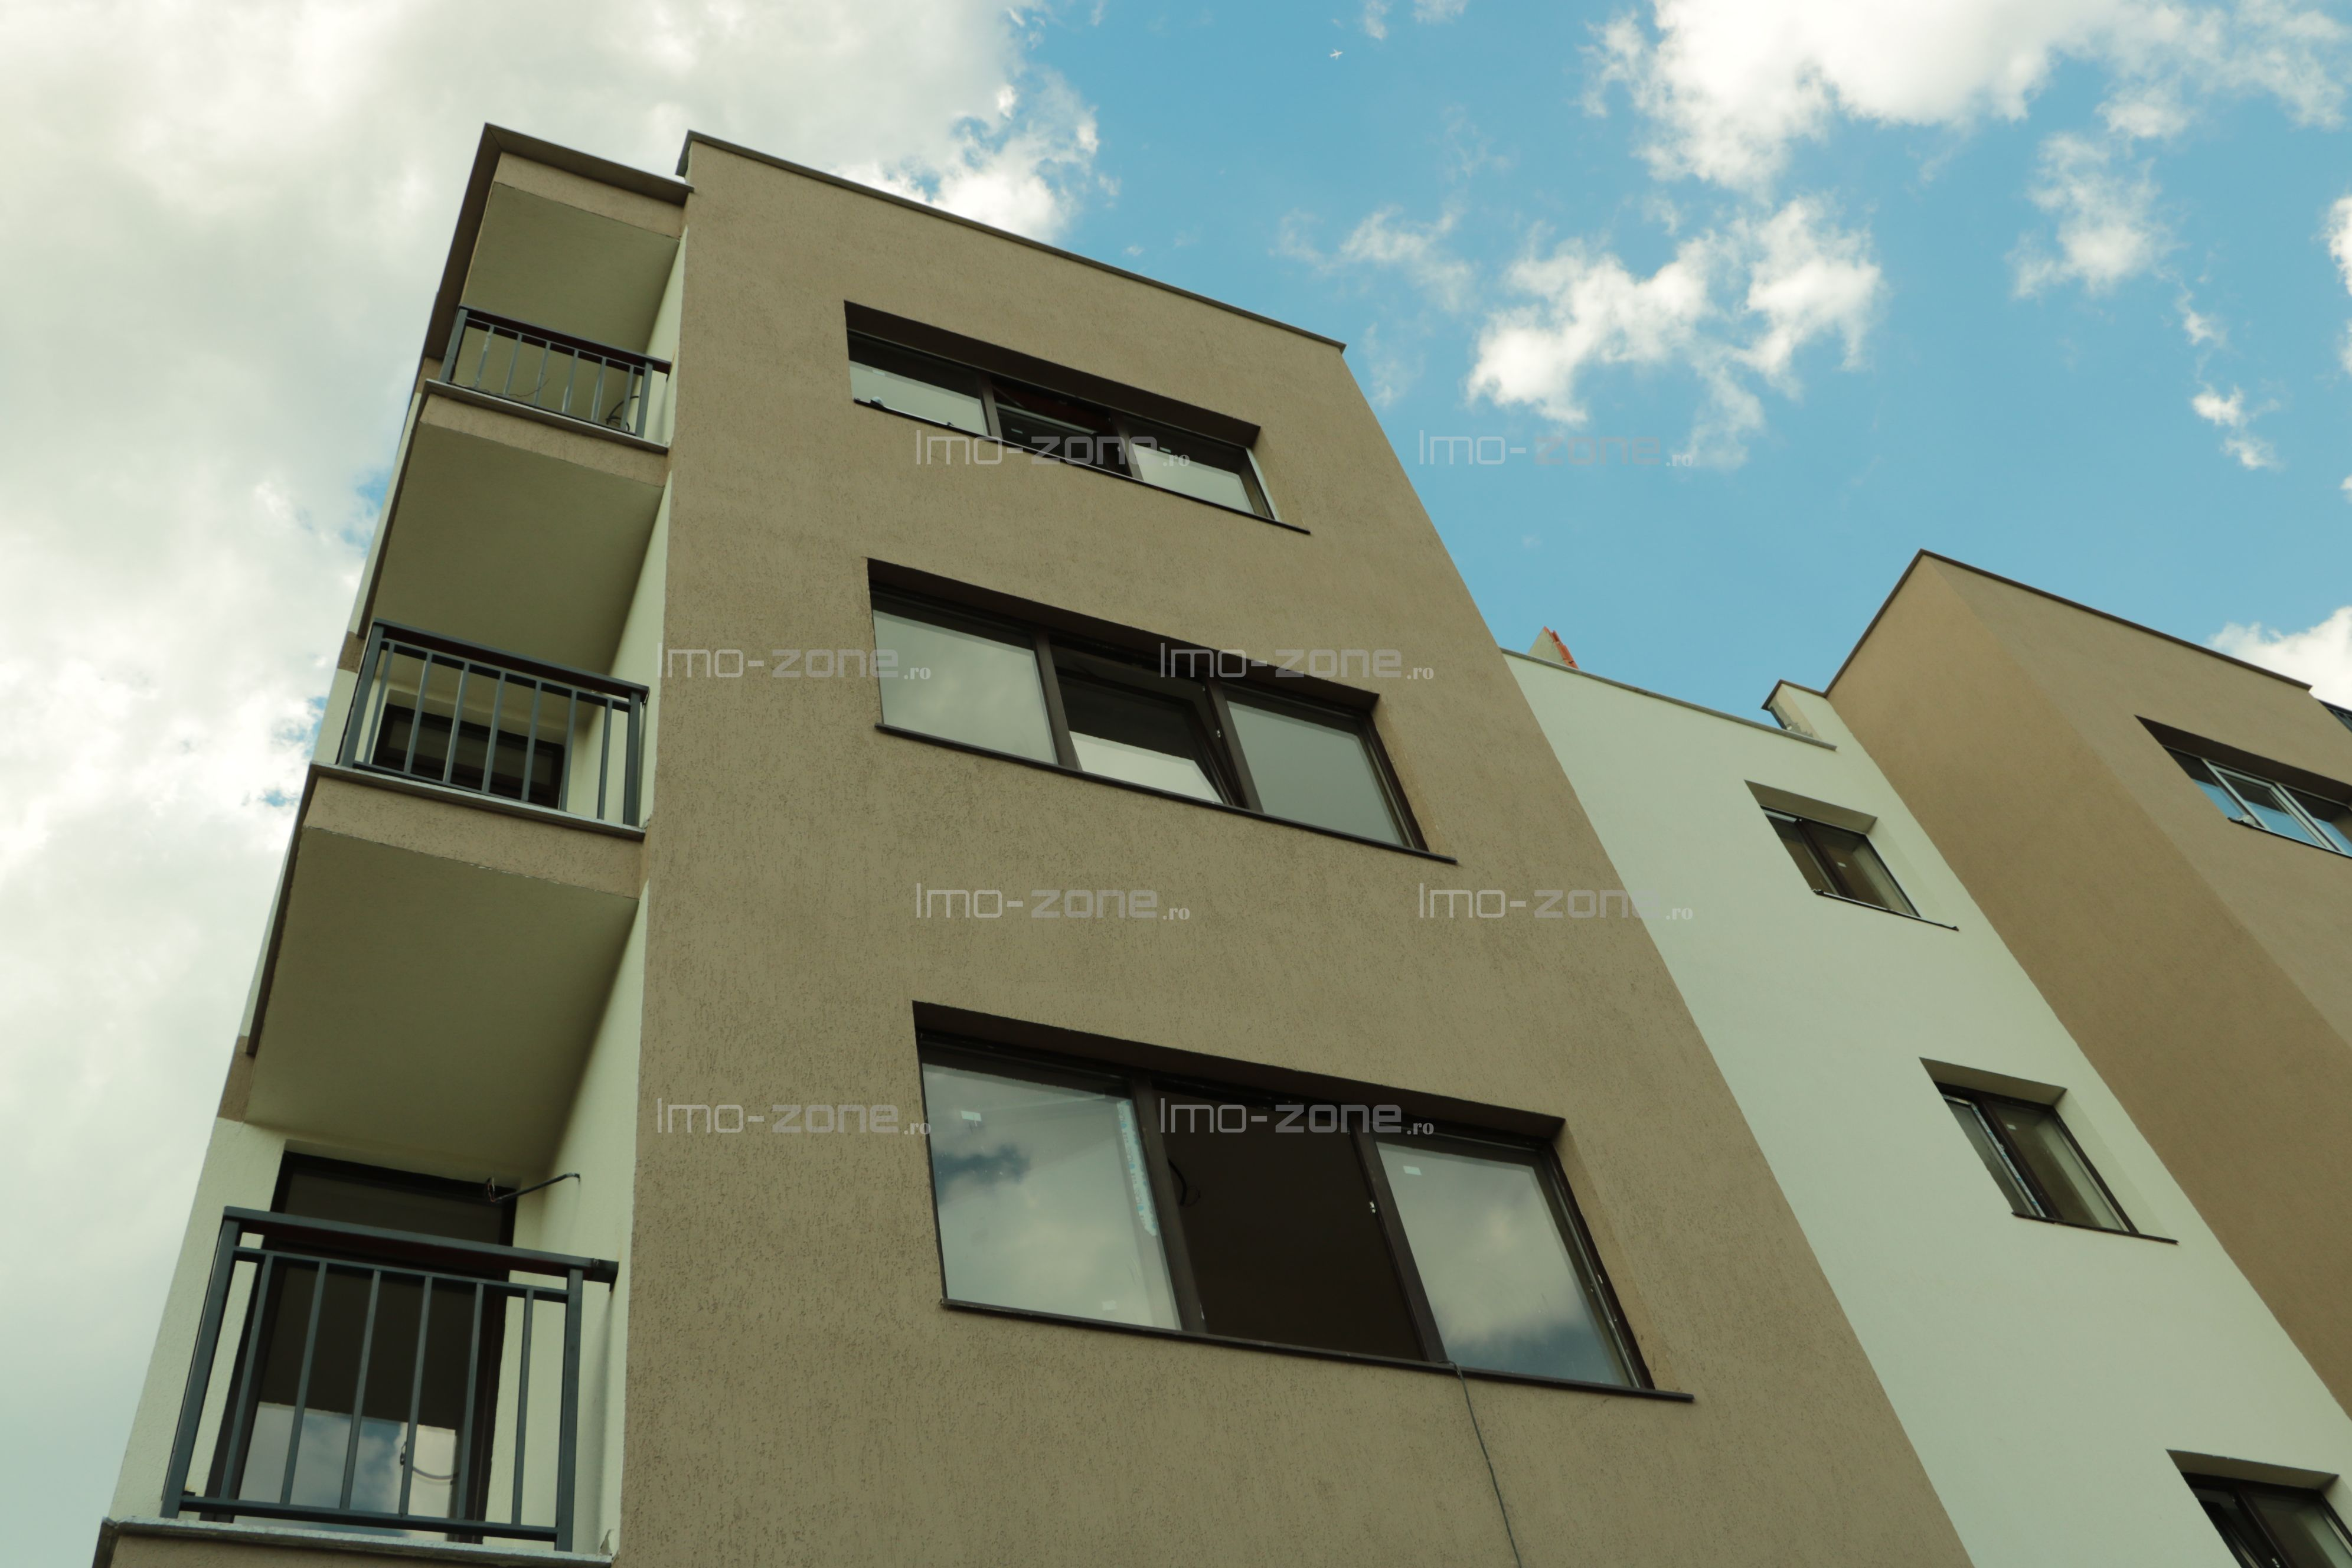 COMISION 0%, apartament 2 CAMERE, 66mp, DECOMANDAT, finisat la CHEIE.